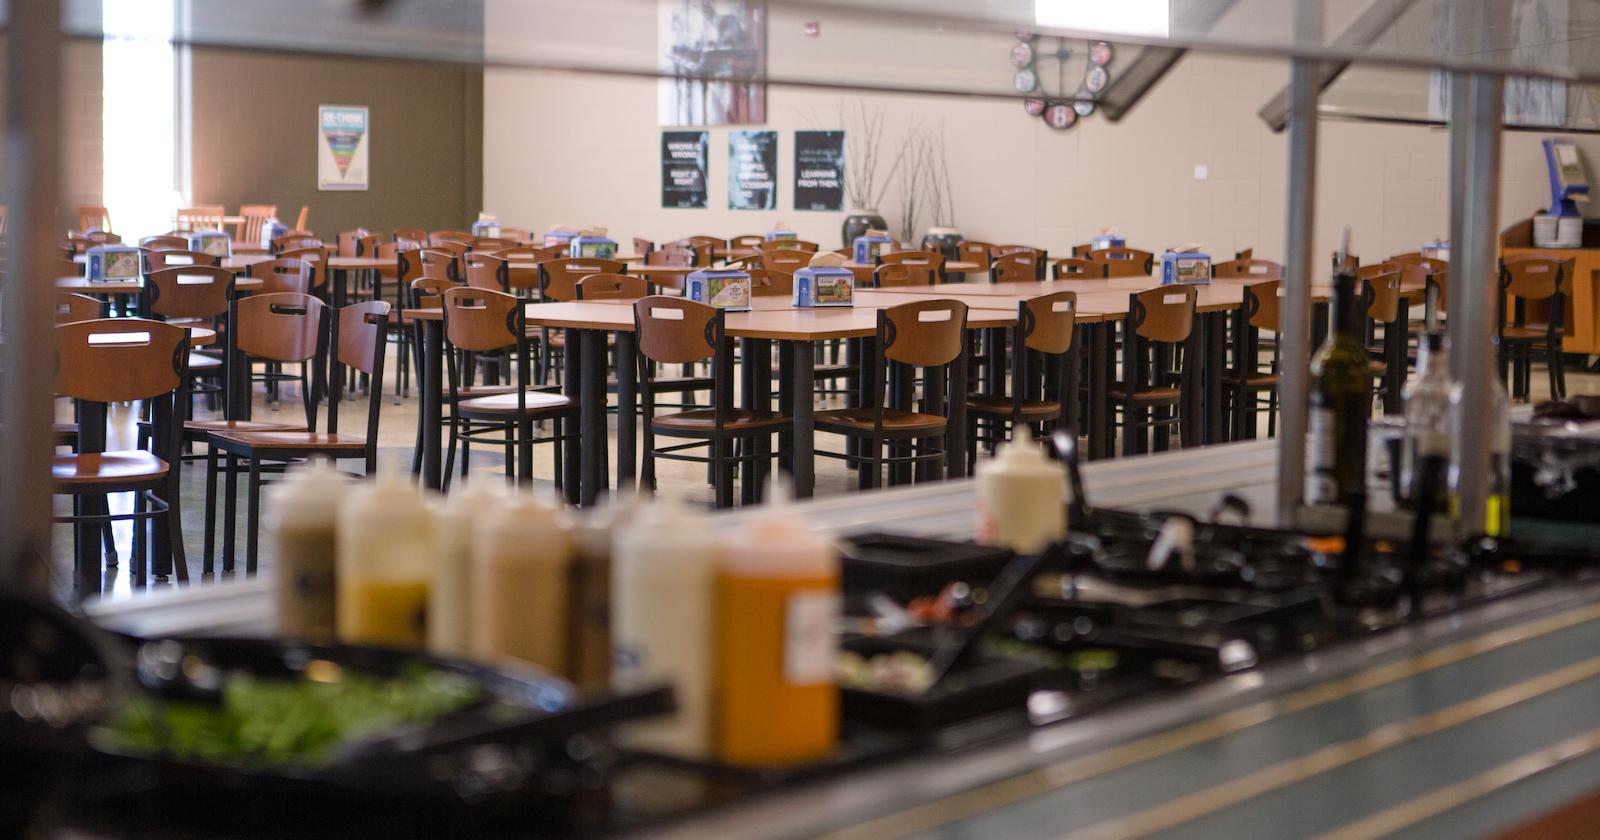 Briercrest's cafeteria